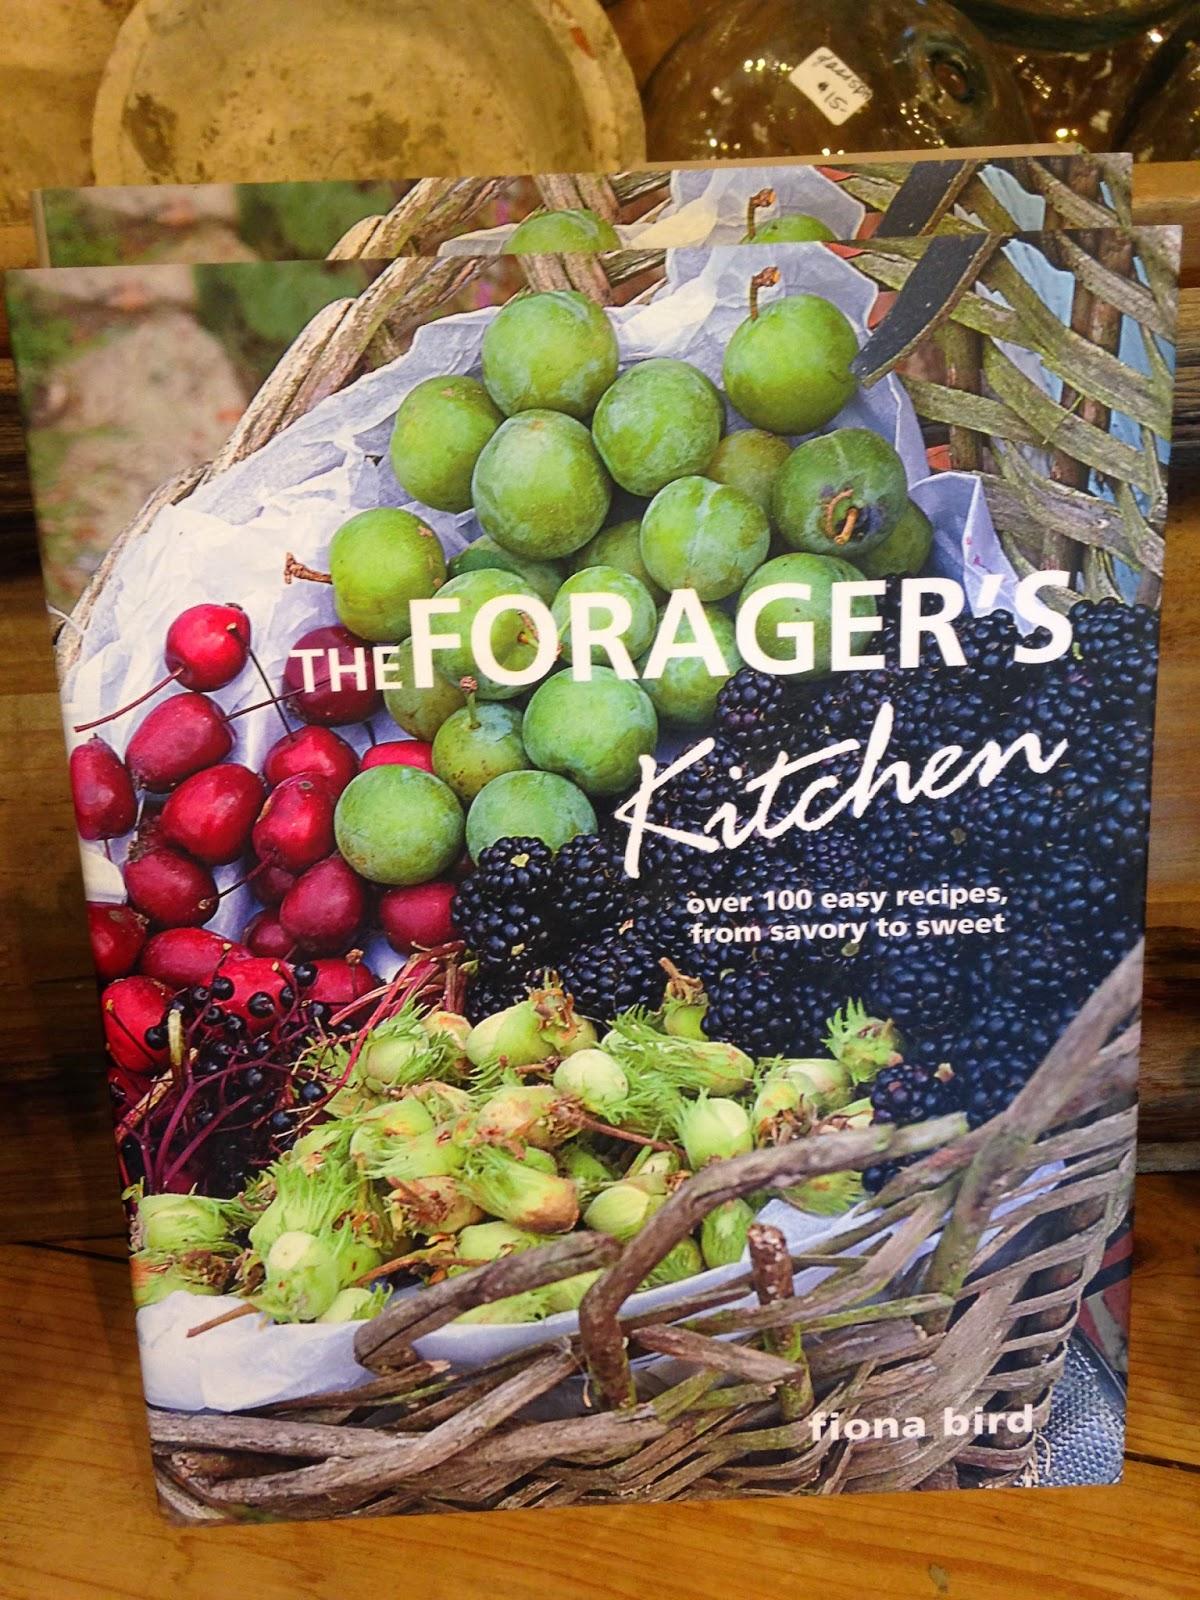 les fleurs : andover florist, floral shop, garden floral store : the forager's kitchen : books